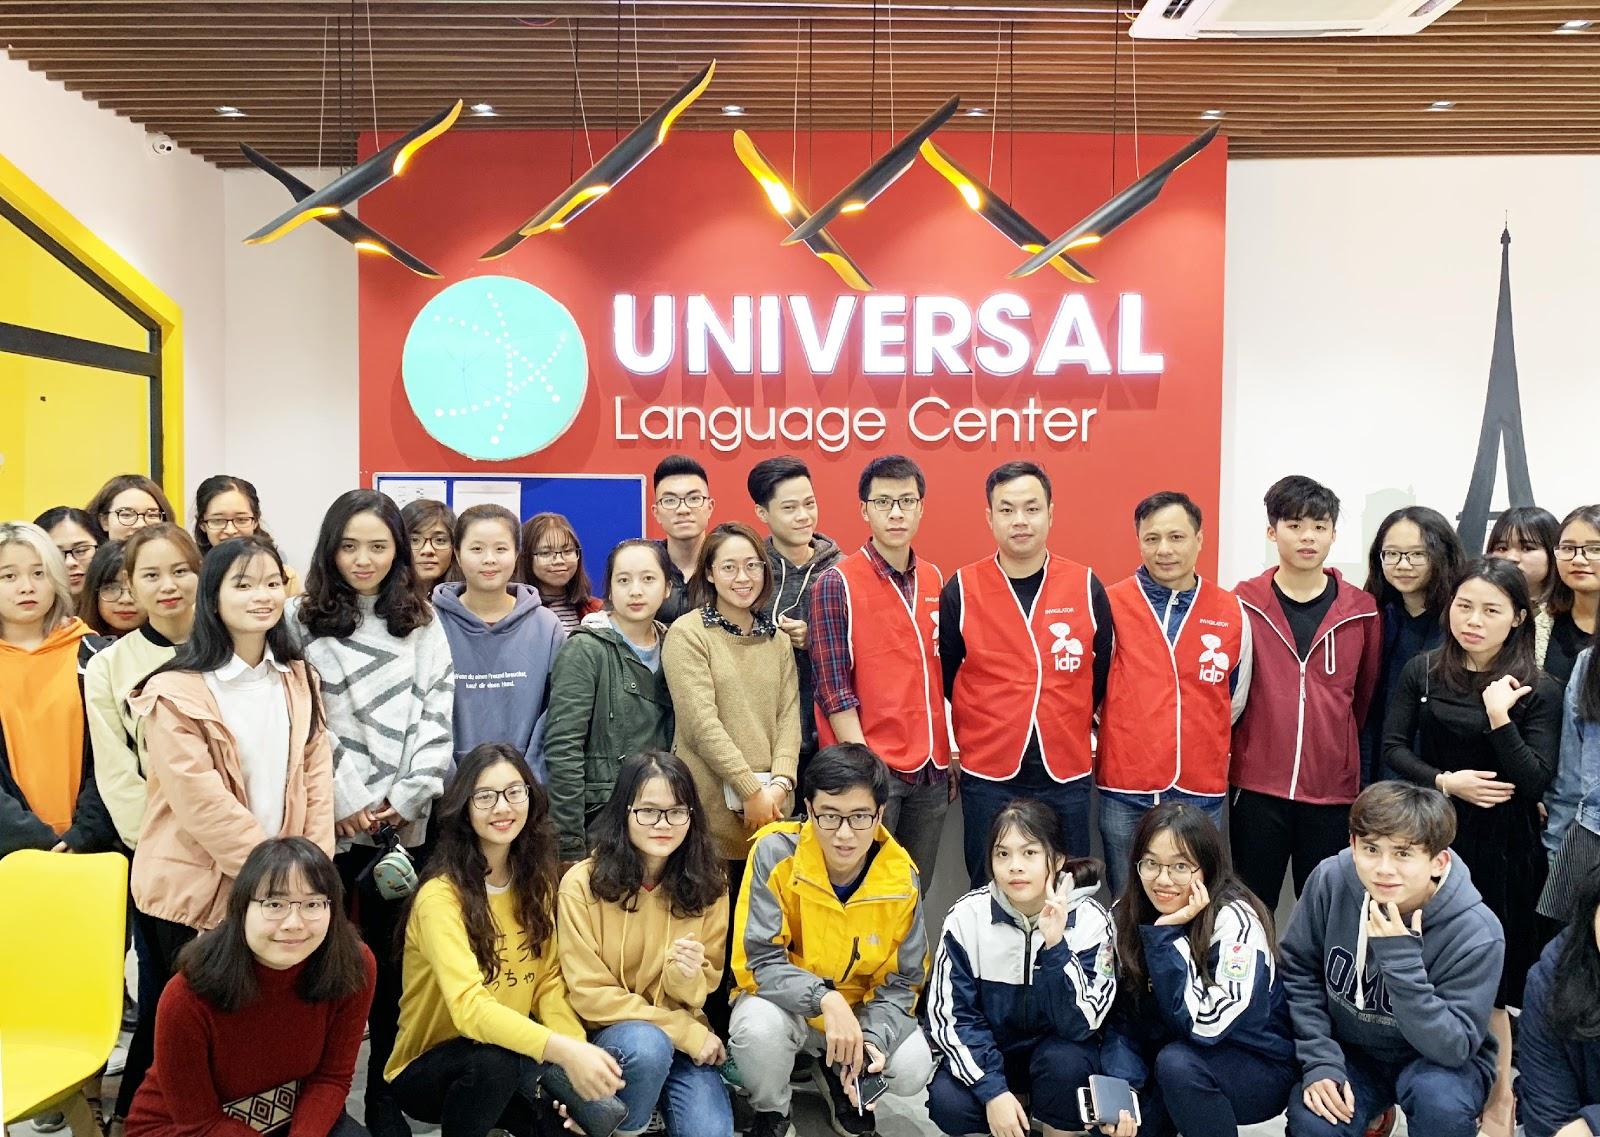 Trải nghiệm một ngày học IELTS tại Universal Language Center - Ảnh 1